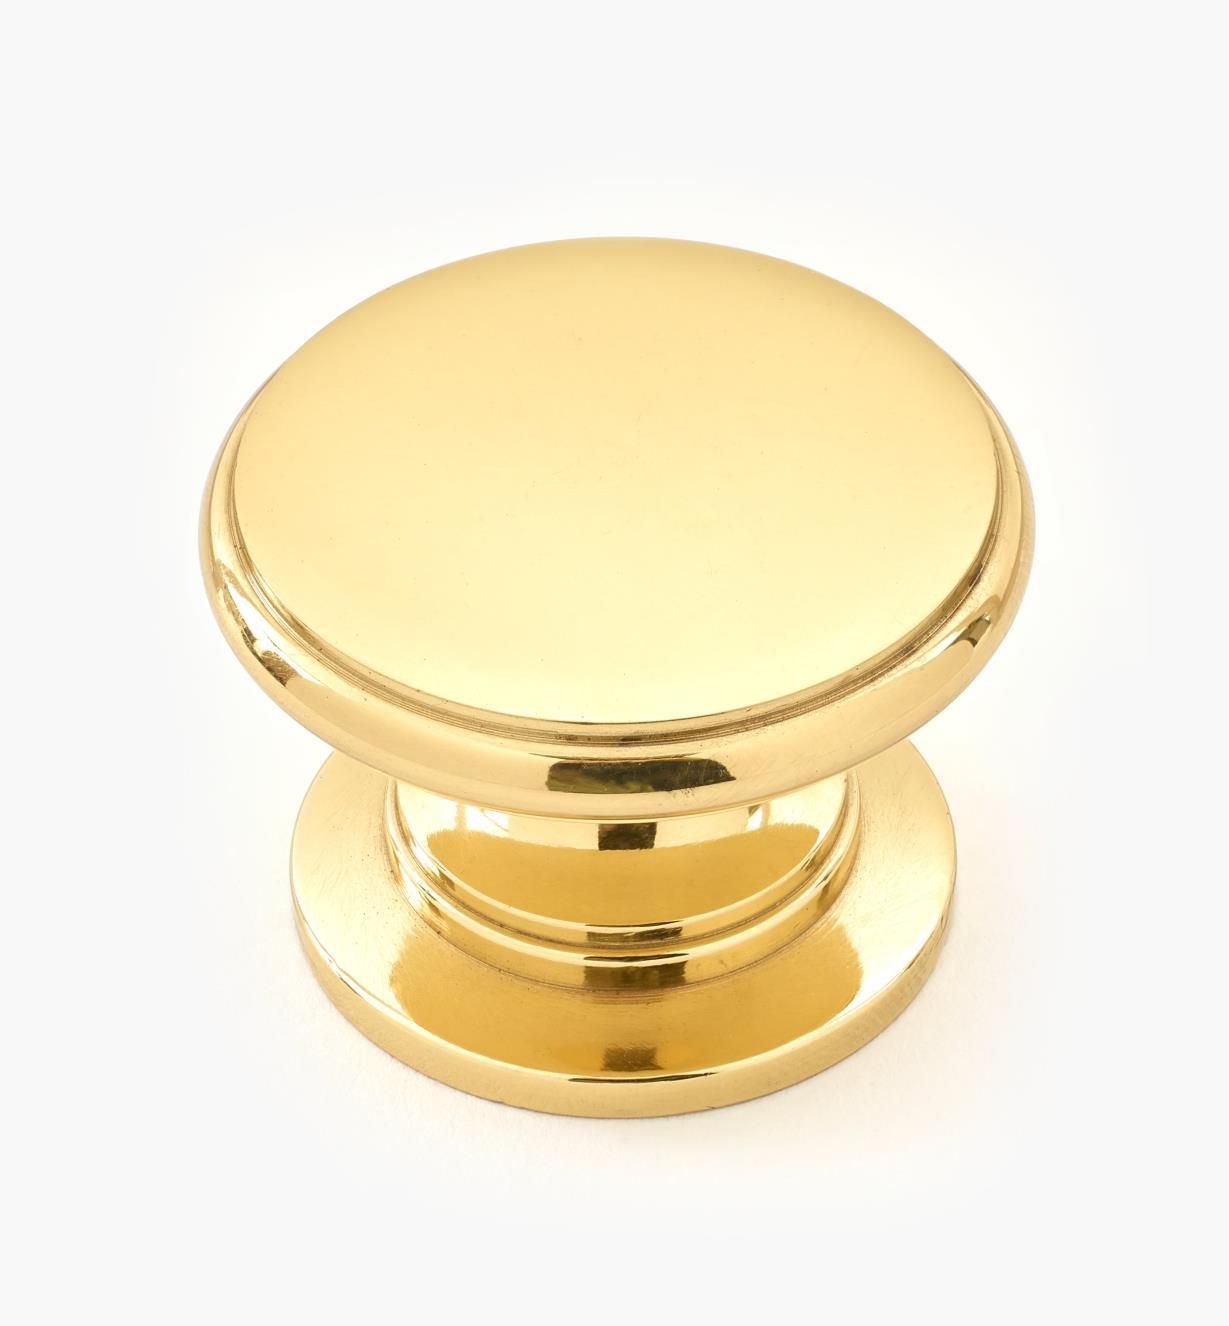 """00W3432 - 1 1/4"""" x 15/16"""" Small Brass Knob"""